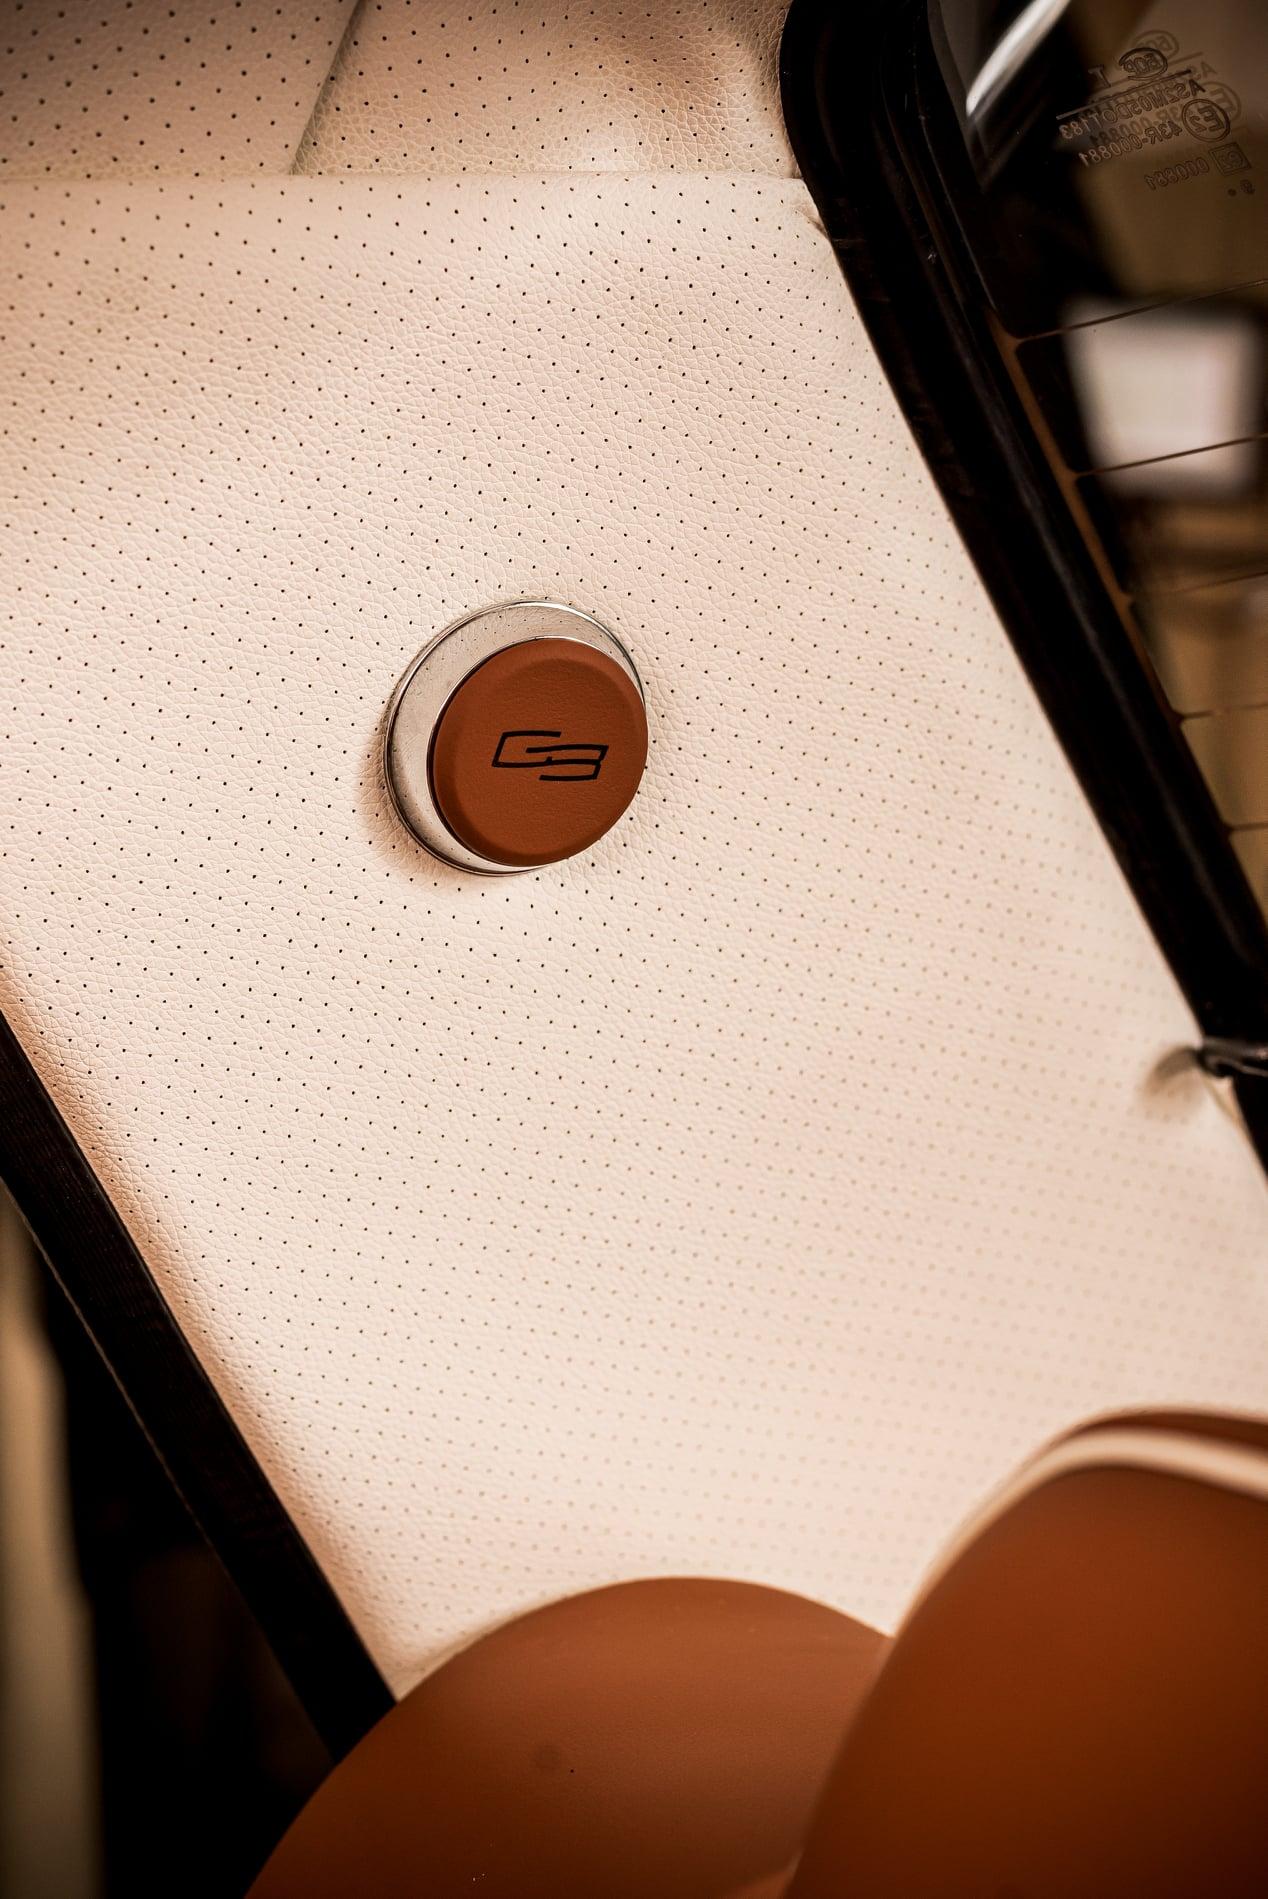 Lada-VAZ-2101-GB-Design-11